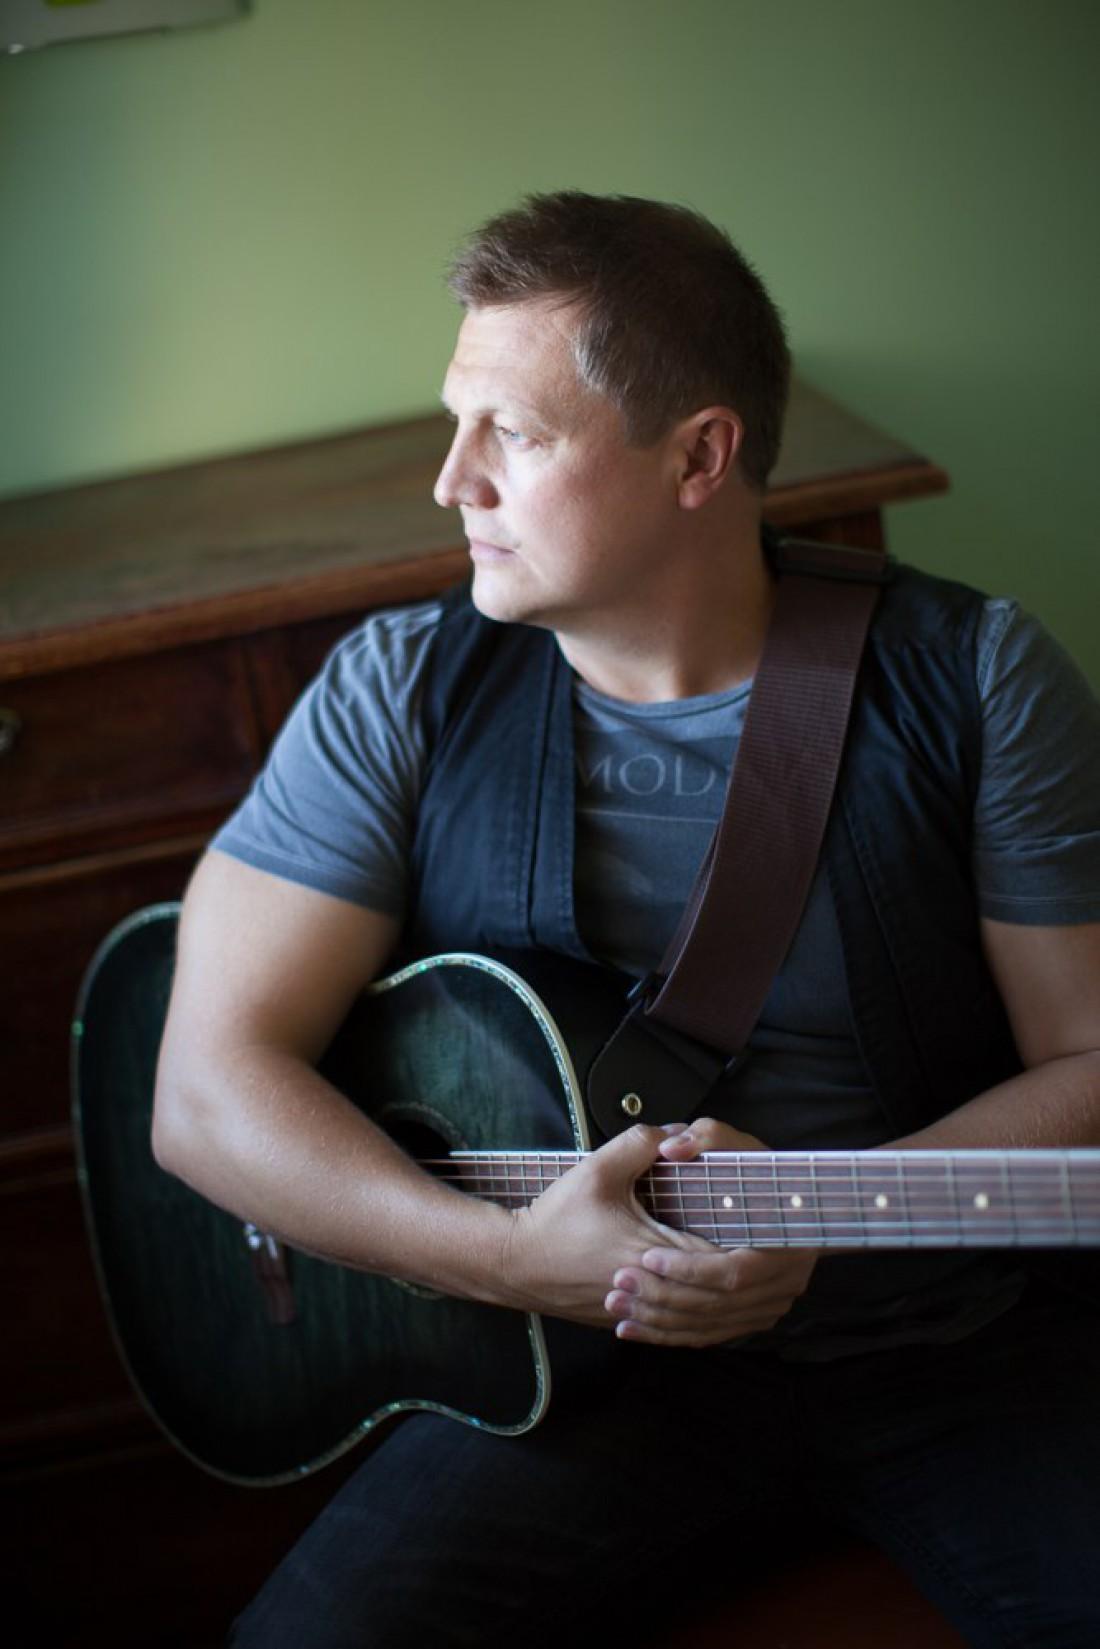 Музыкант Павел Усанов сейчас находится в реанимации